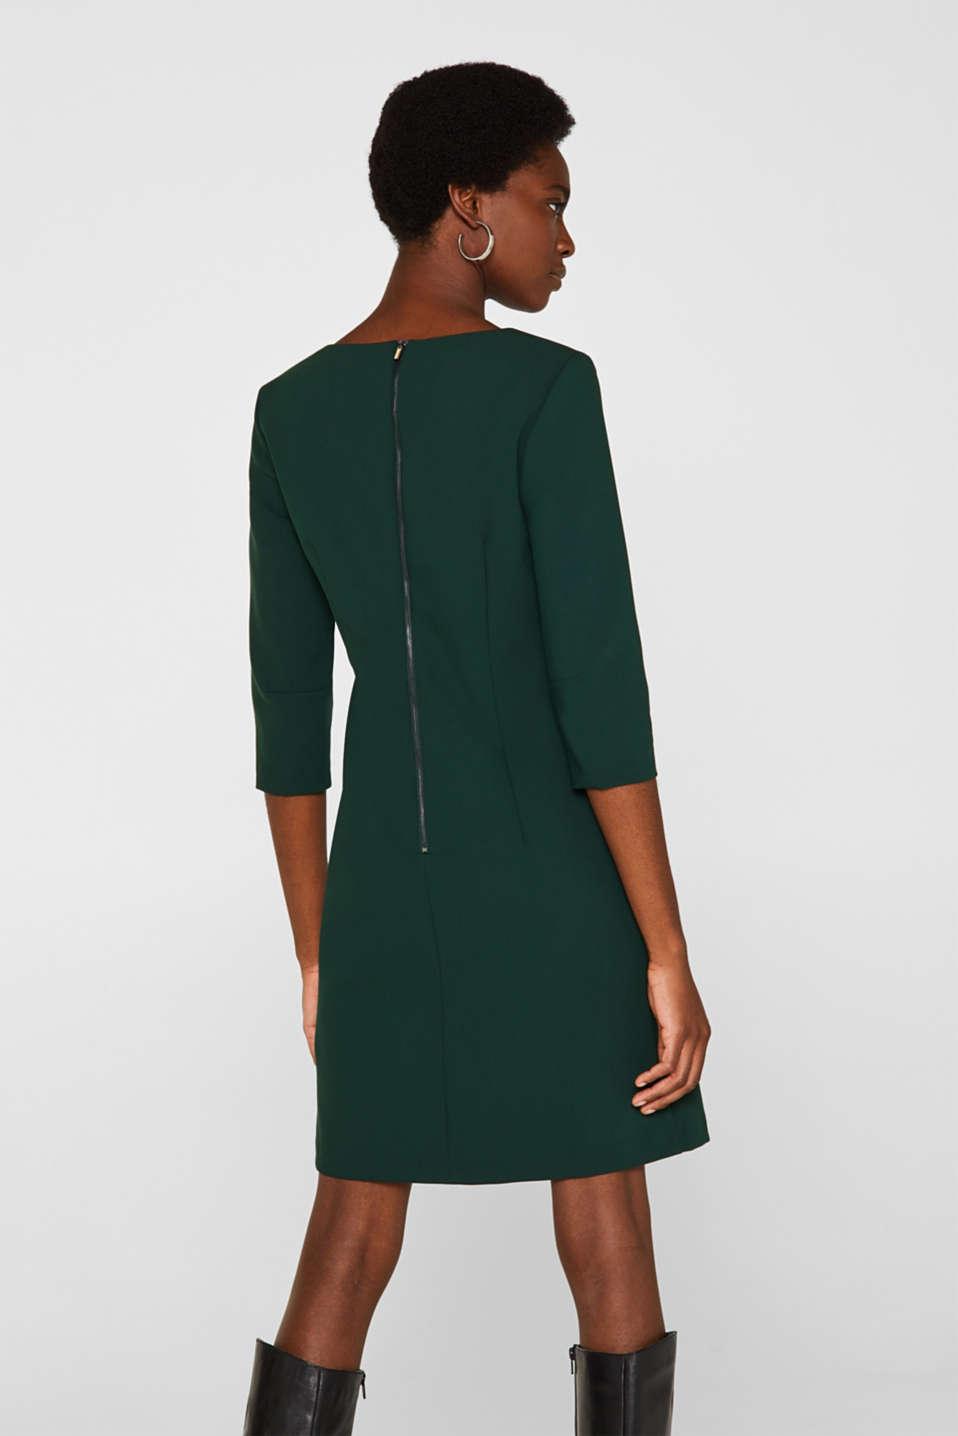 V-neck shift dress, DARK TEAL GREEN, detail image number 3